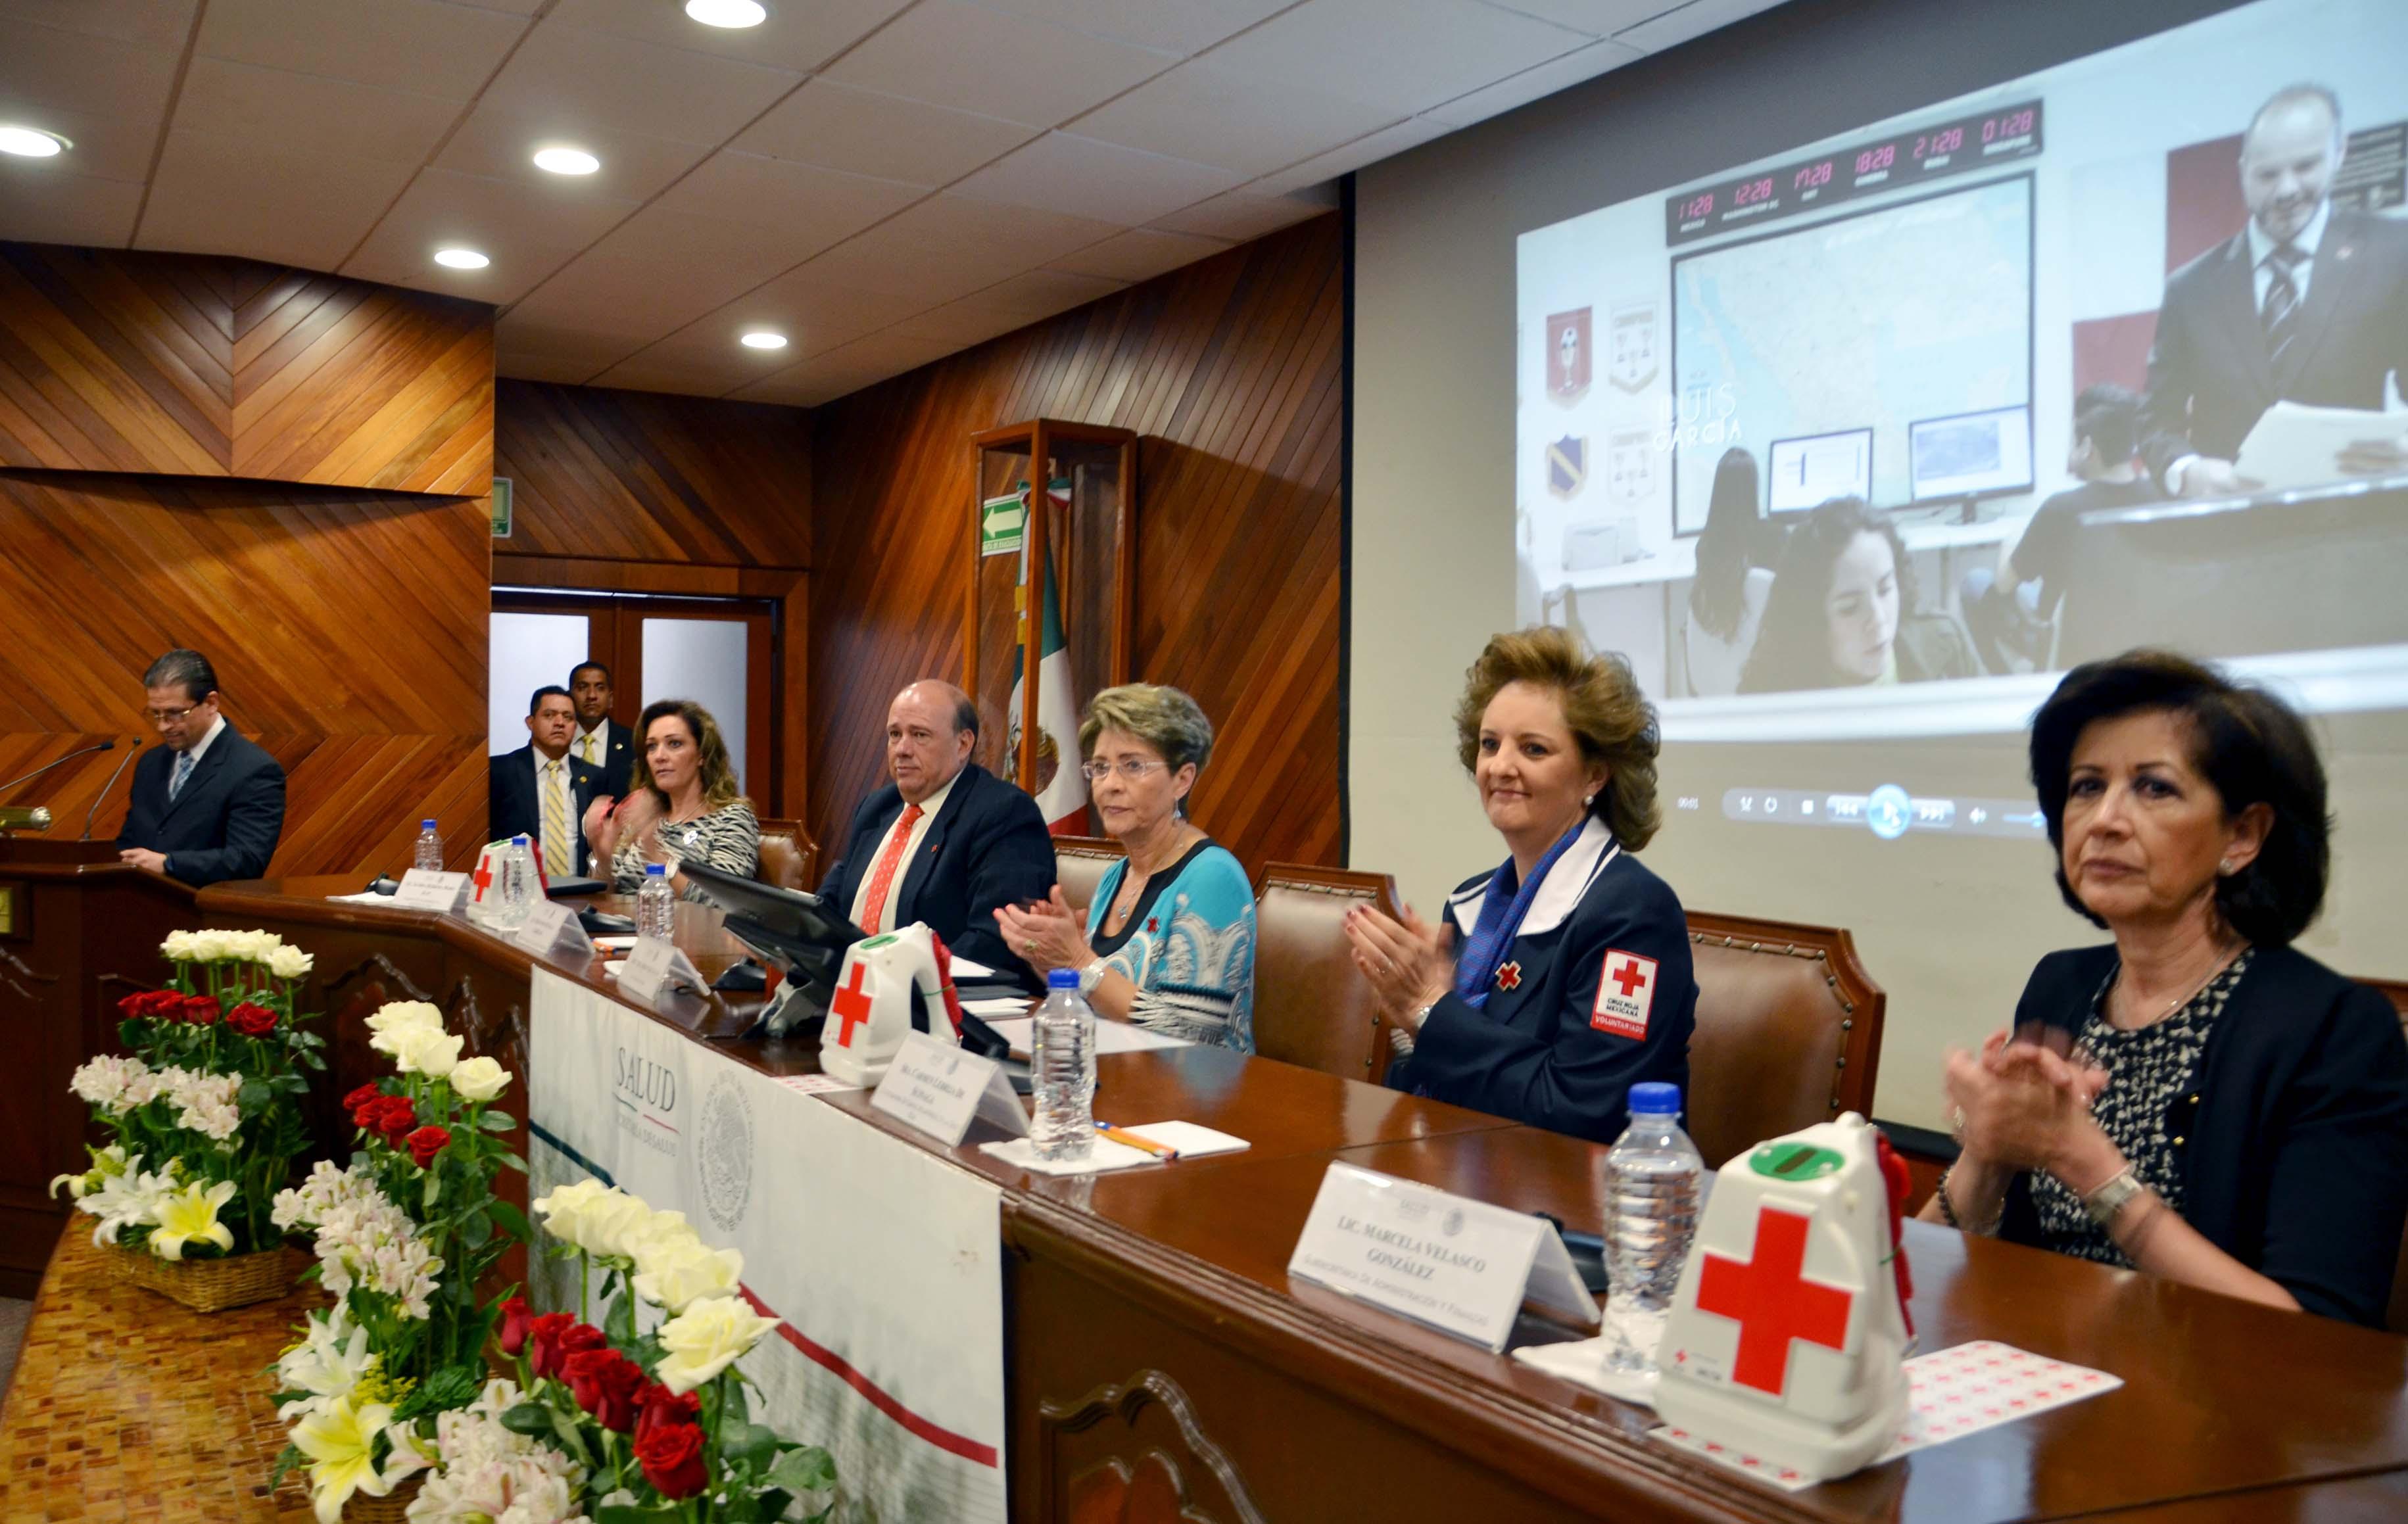 Inicia Colecta Anual 2015 de la Cruz Roja Mexicana entre los trabajadores de la Secretaría de Salud